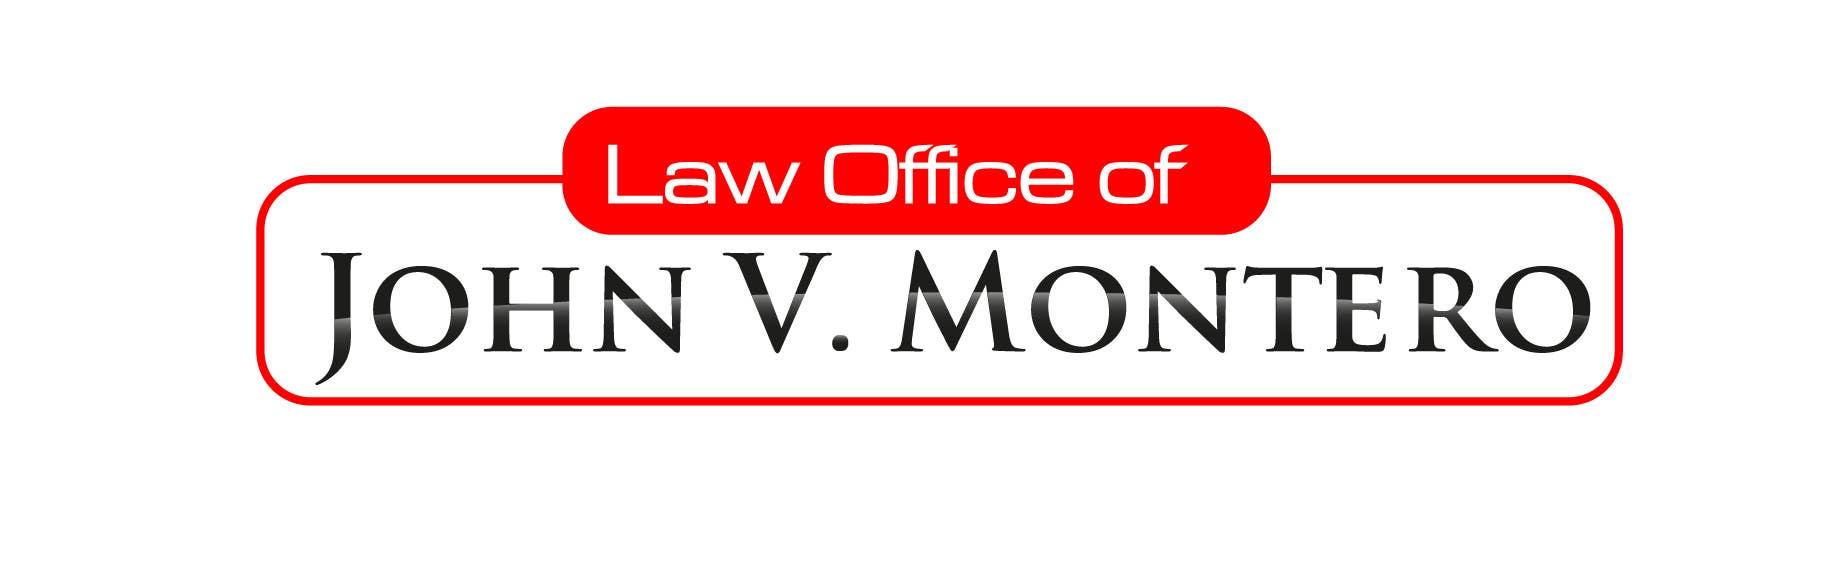 Inscrição nº 290 do Concurso para Logo Design for Law Office of John V. Montero